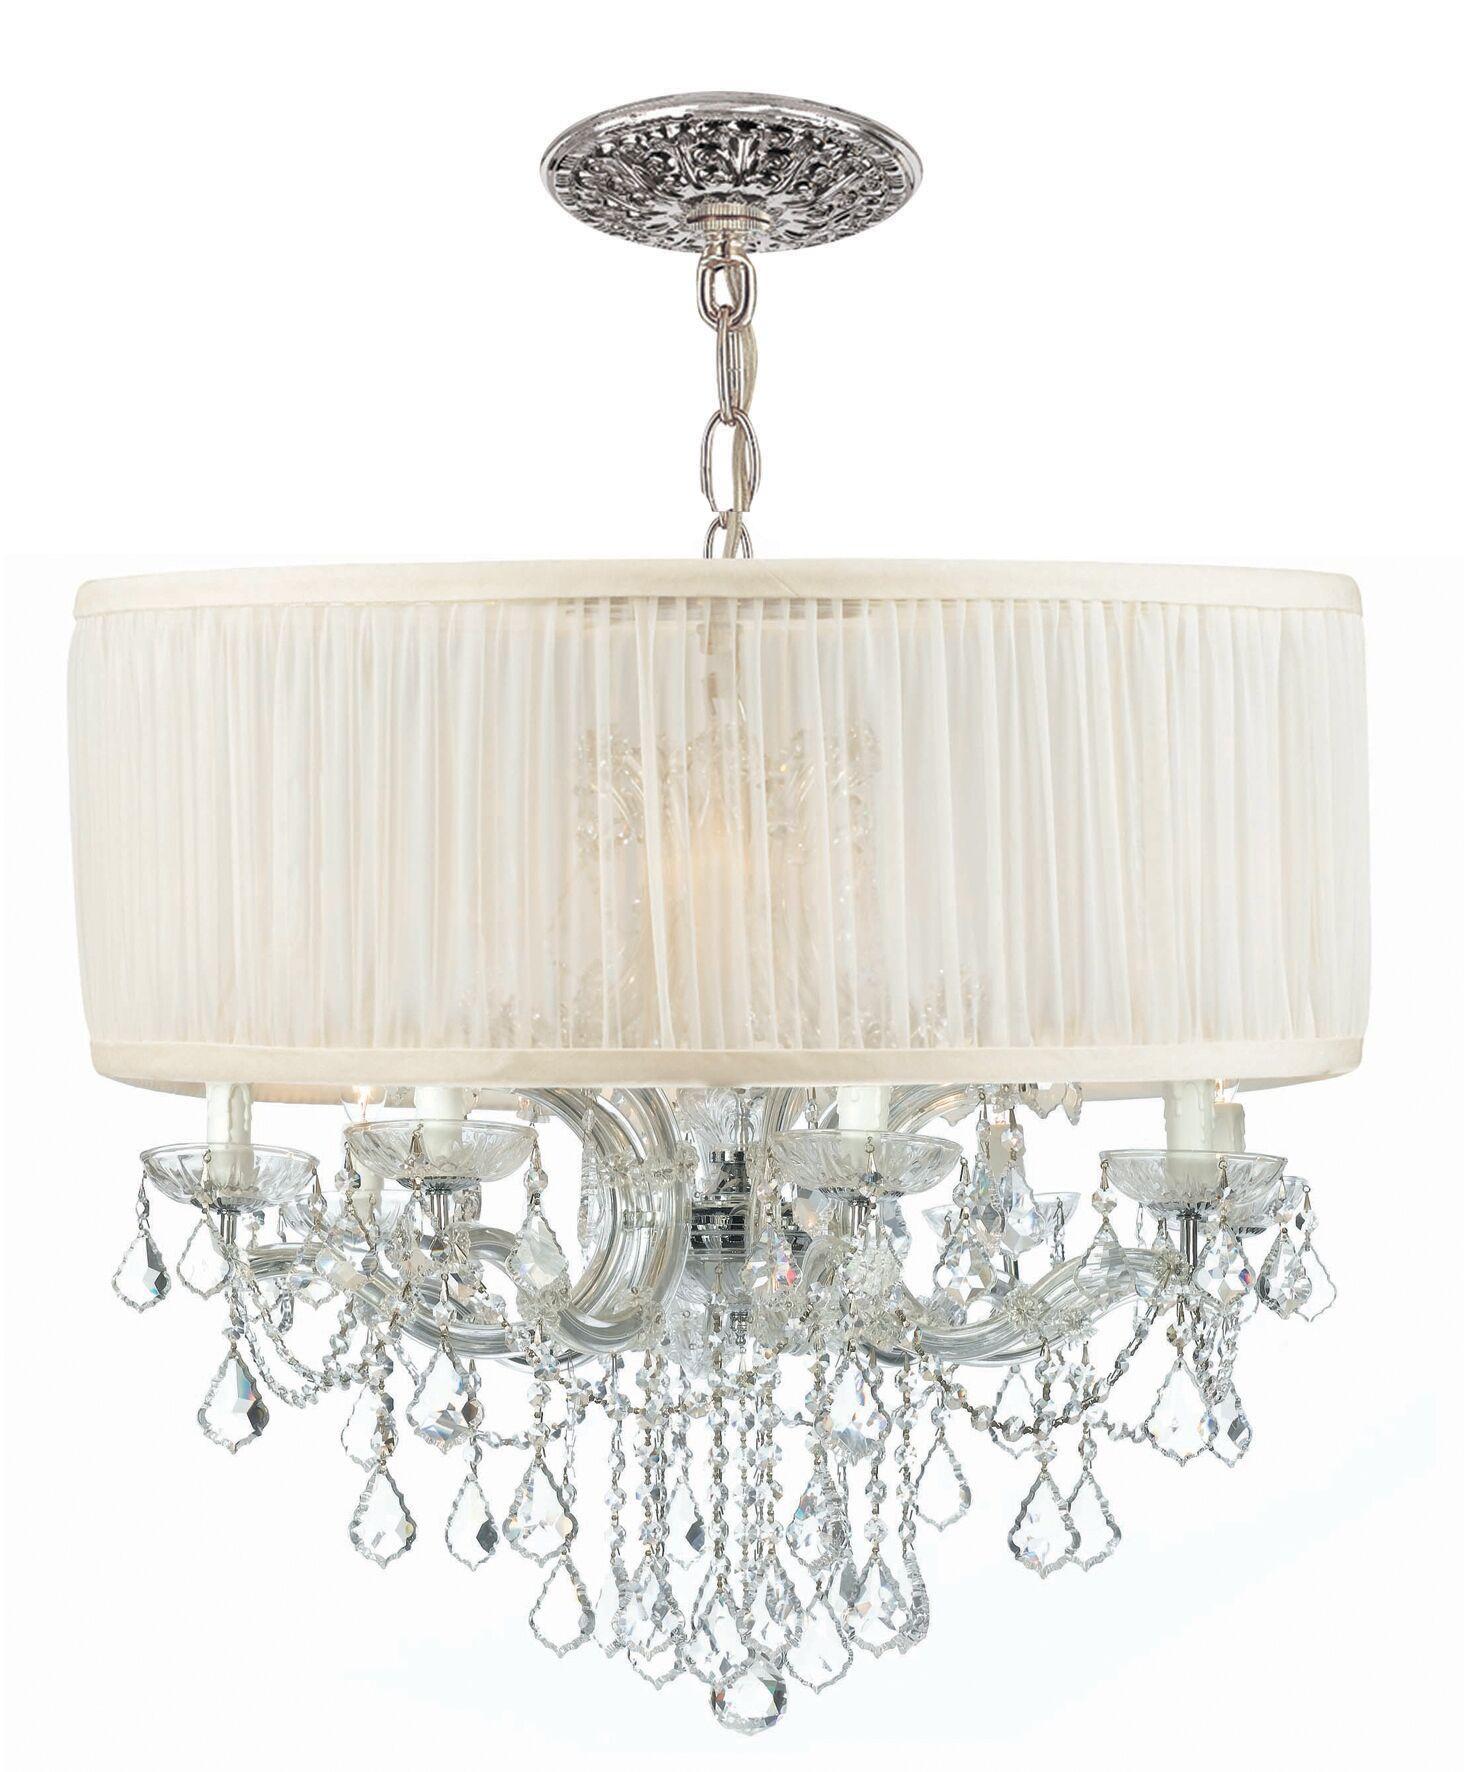 Corrinne Modern 12-Light Chandelier Lamp Shade Color: Antique White, Finish: Chrome